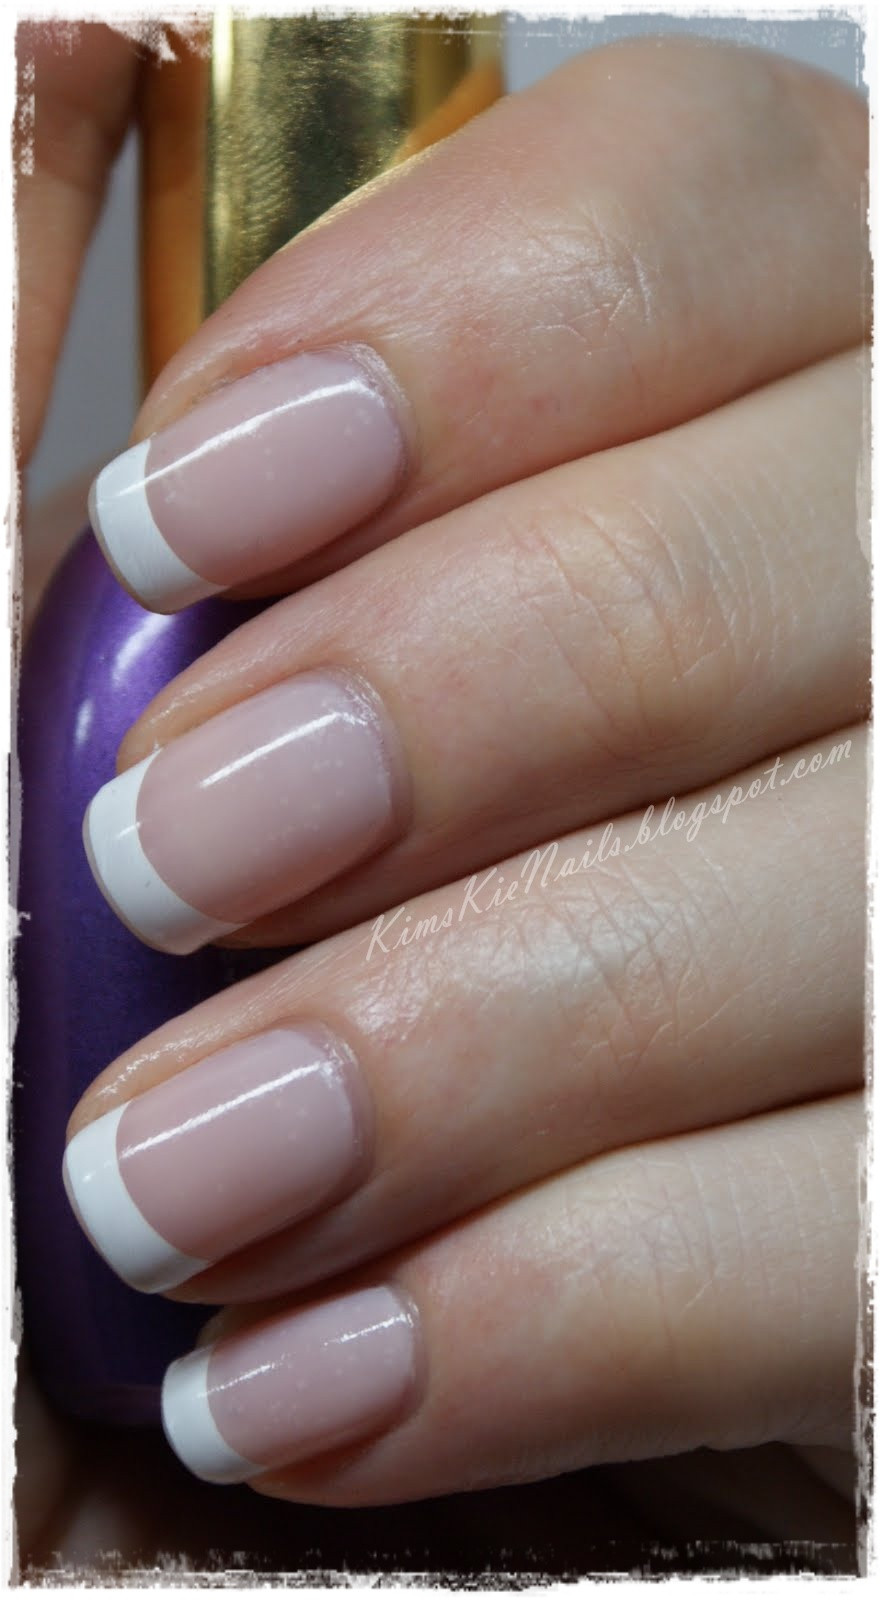 Natural Nails: KimsKie's Nails: Bye, Bye Acrylics... Hello Natural Nails